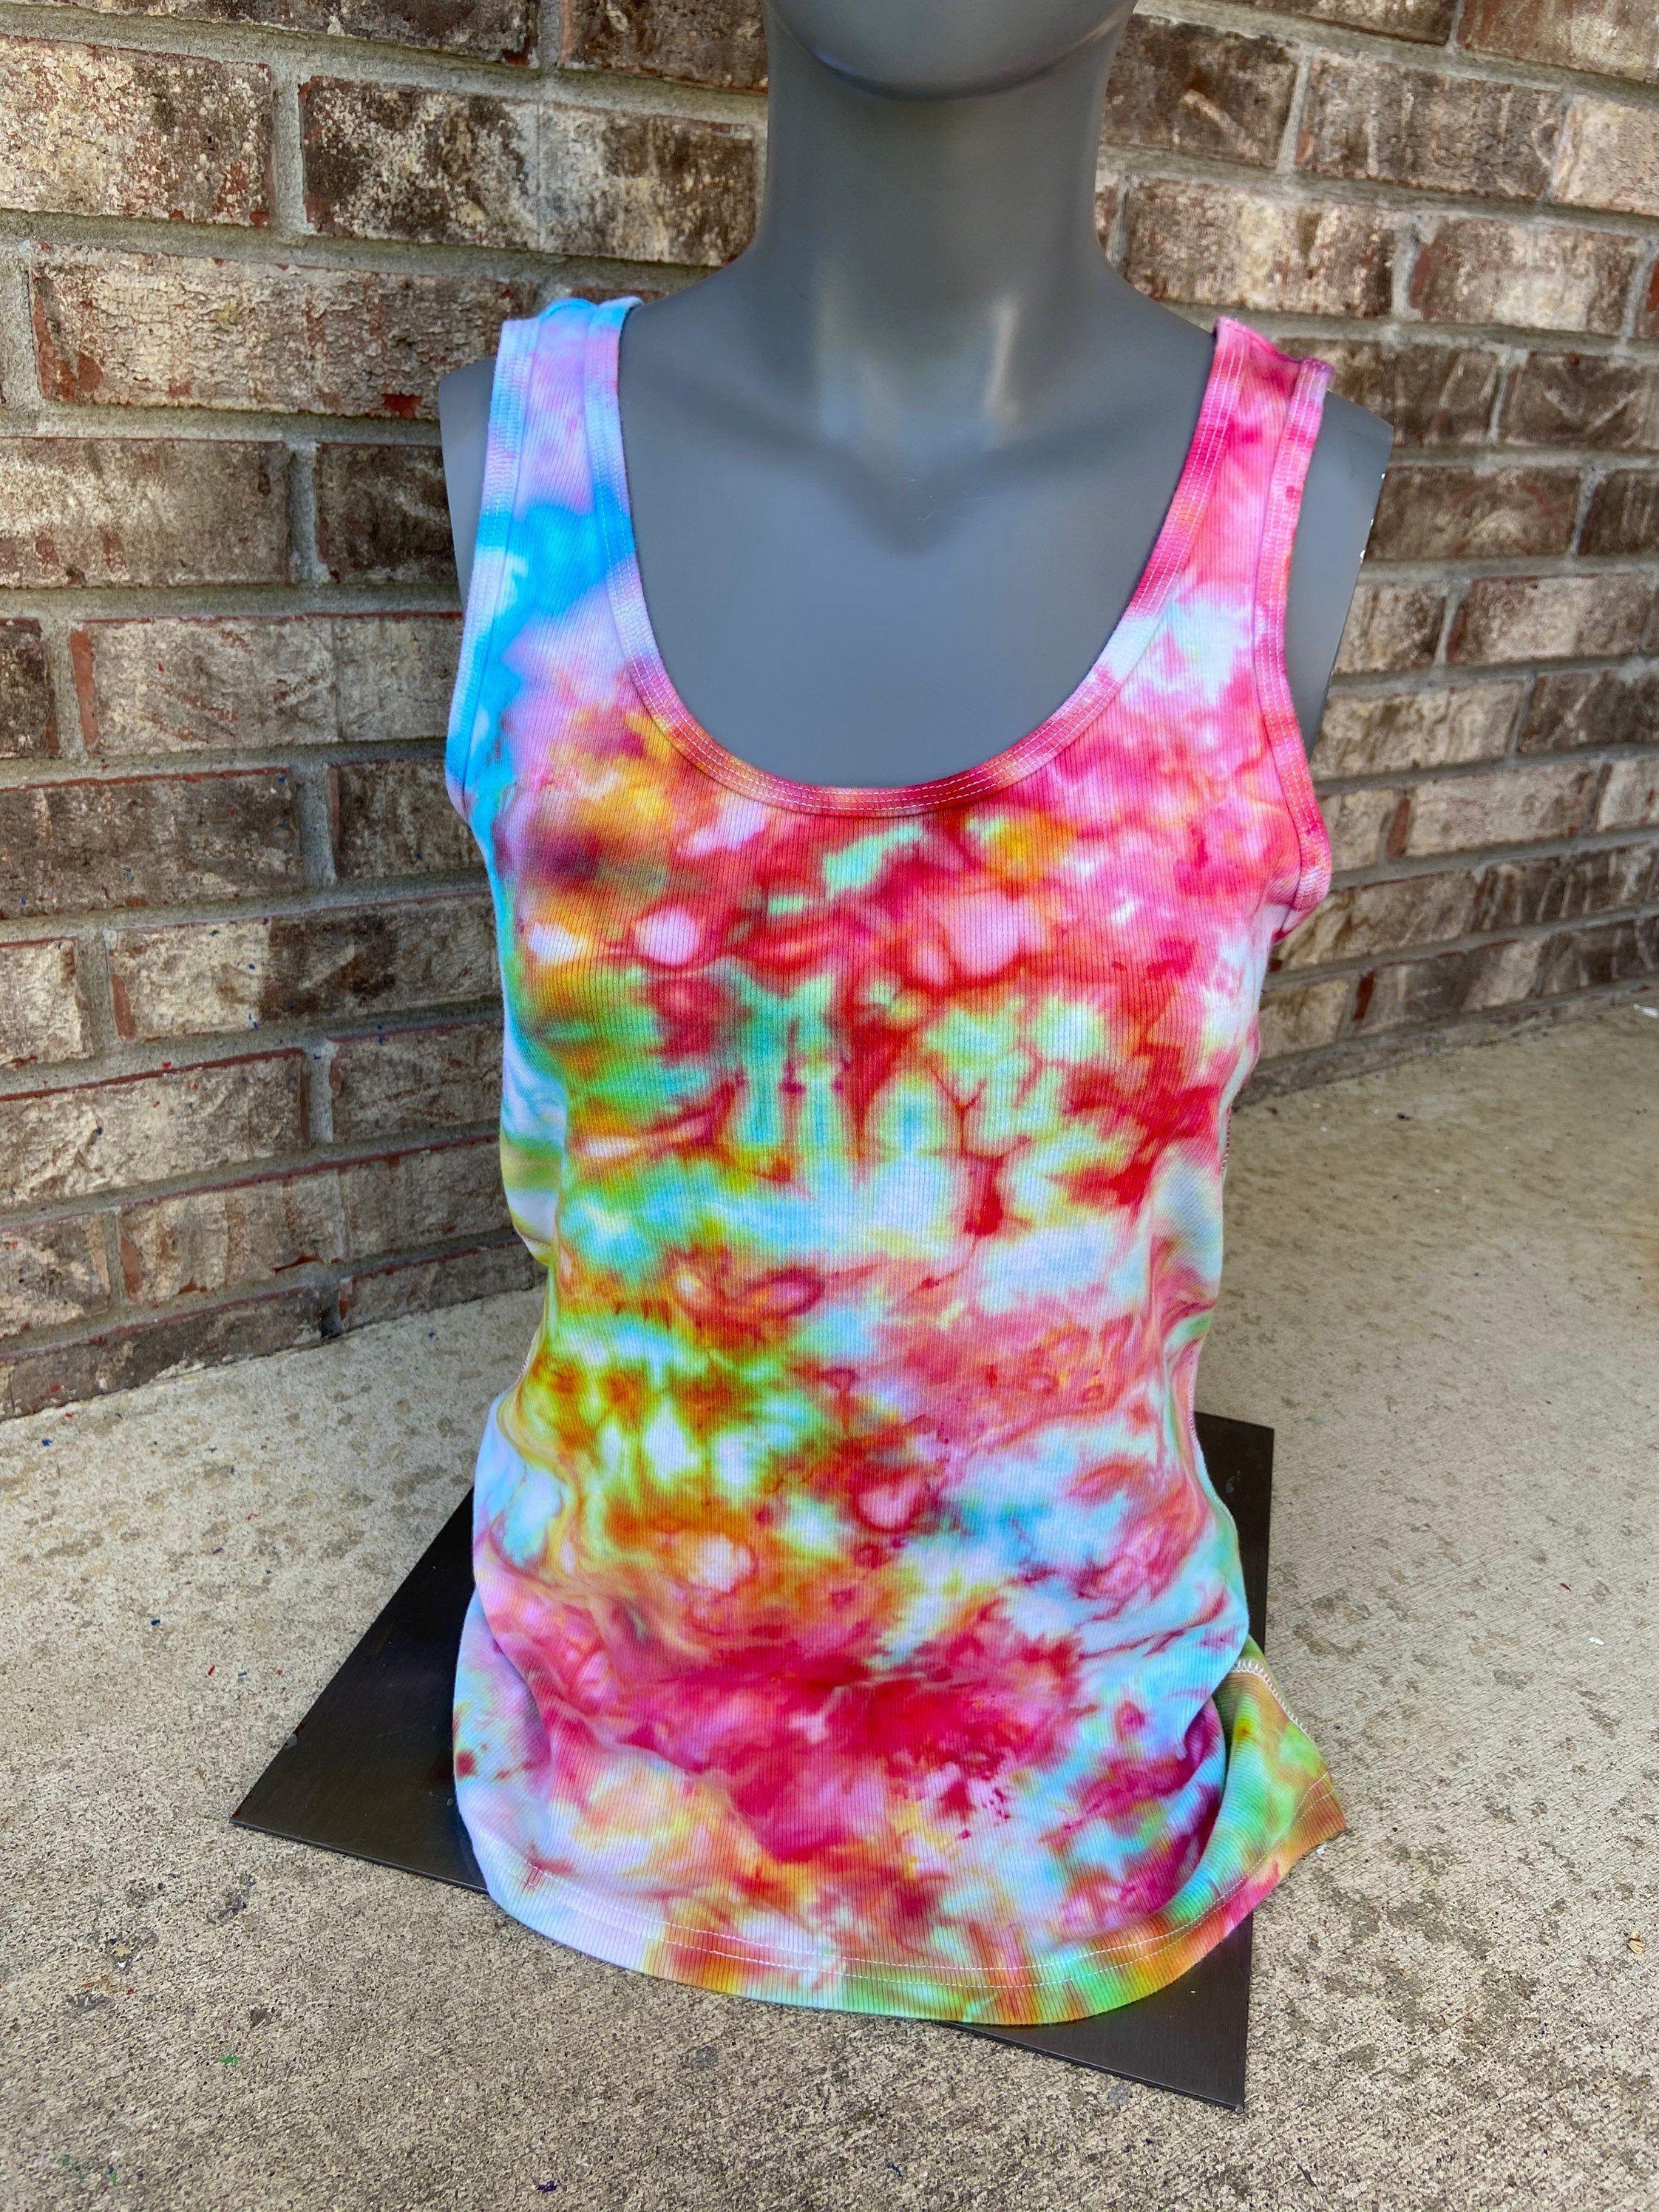 49+ Tie dye workout tank inspirations